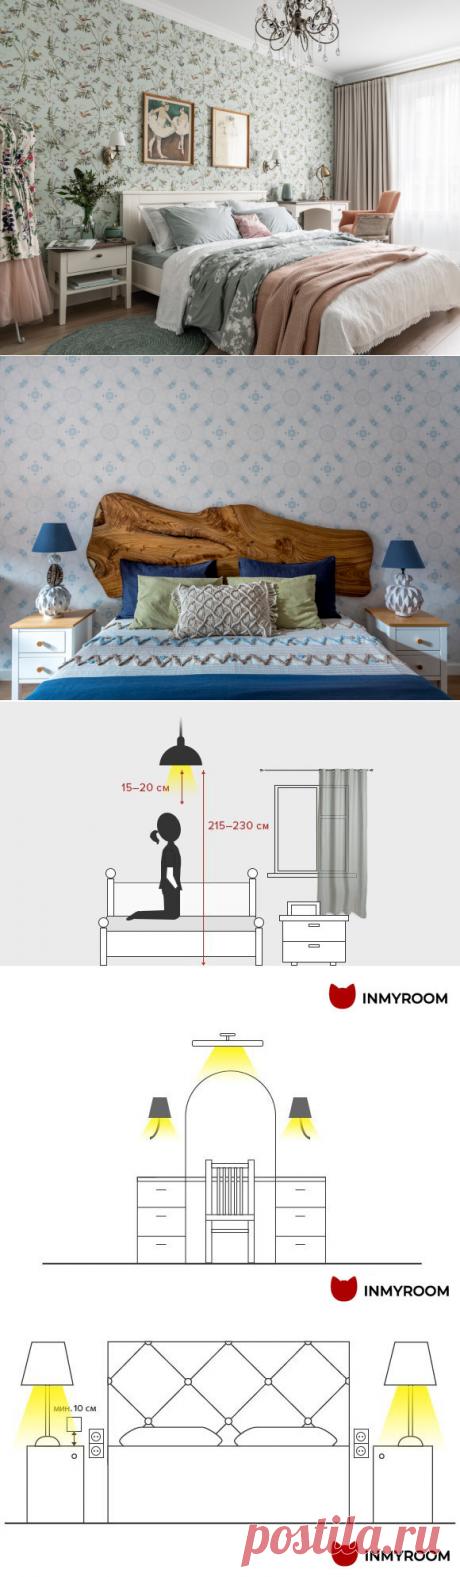 Где повесить светильник в спальне, а ещё нужны ли бра и лампы у кровати? | INMYROOM.RU | Яндекс Дзен